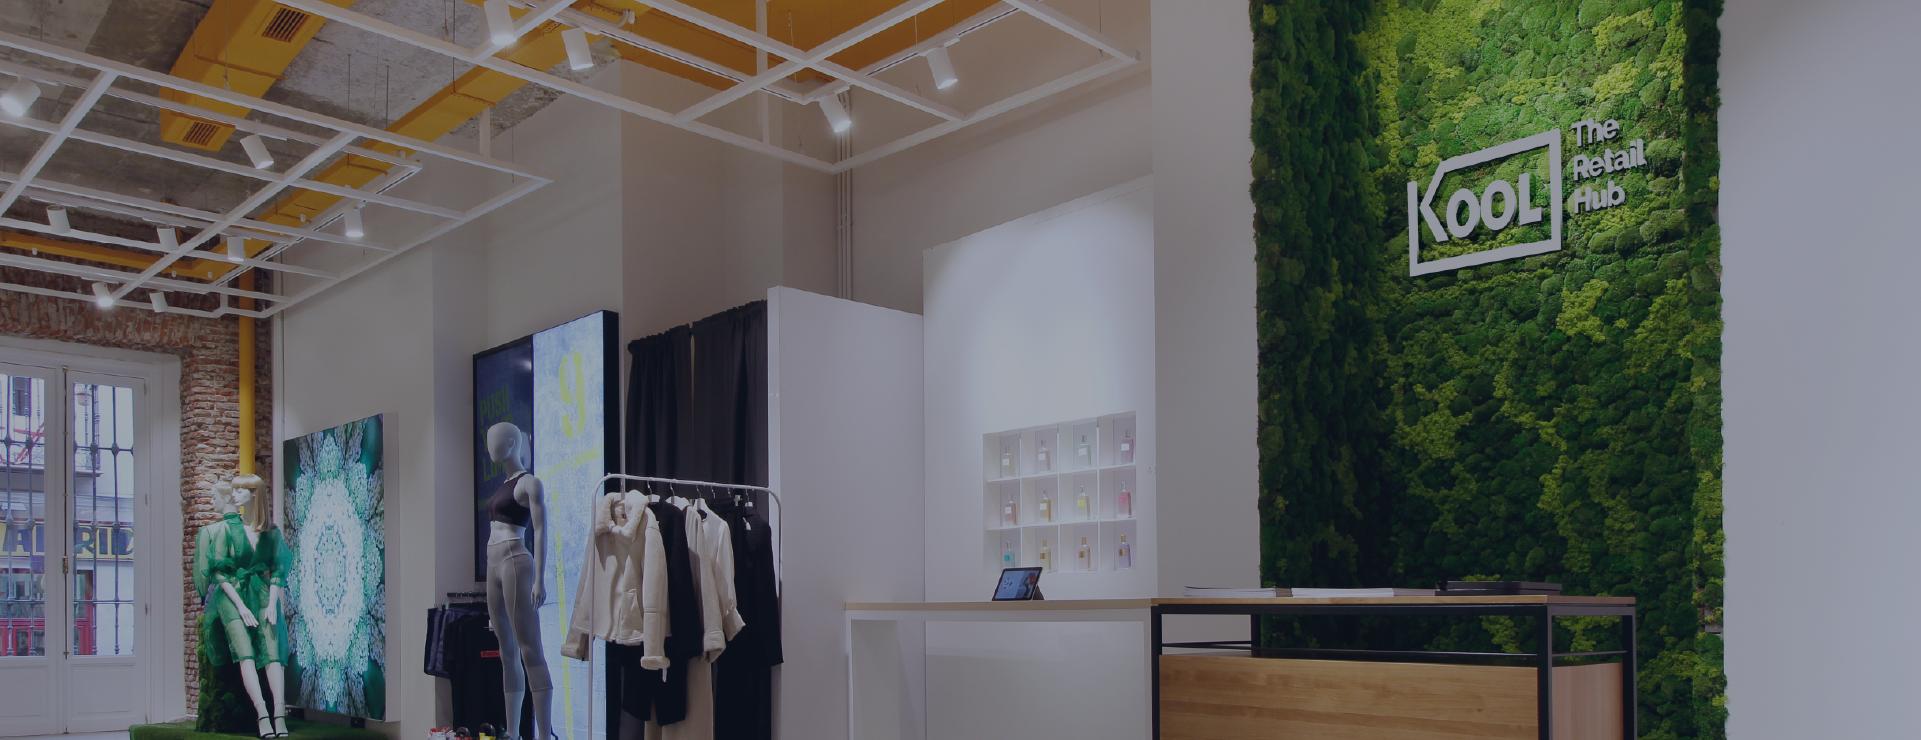 Kool Talks: Post-COVID store design